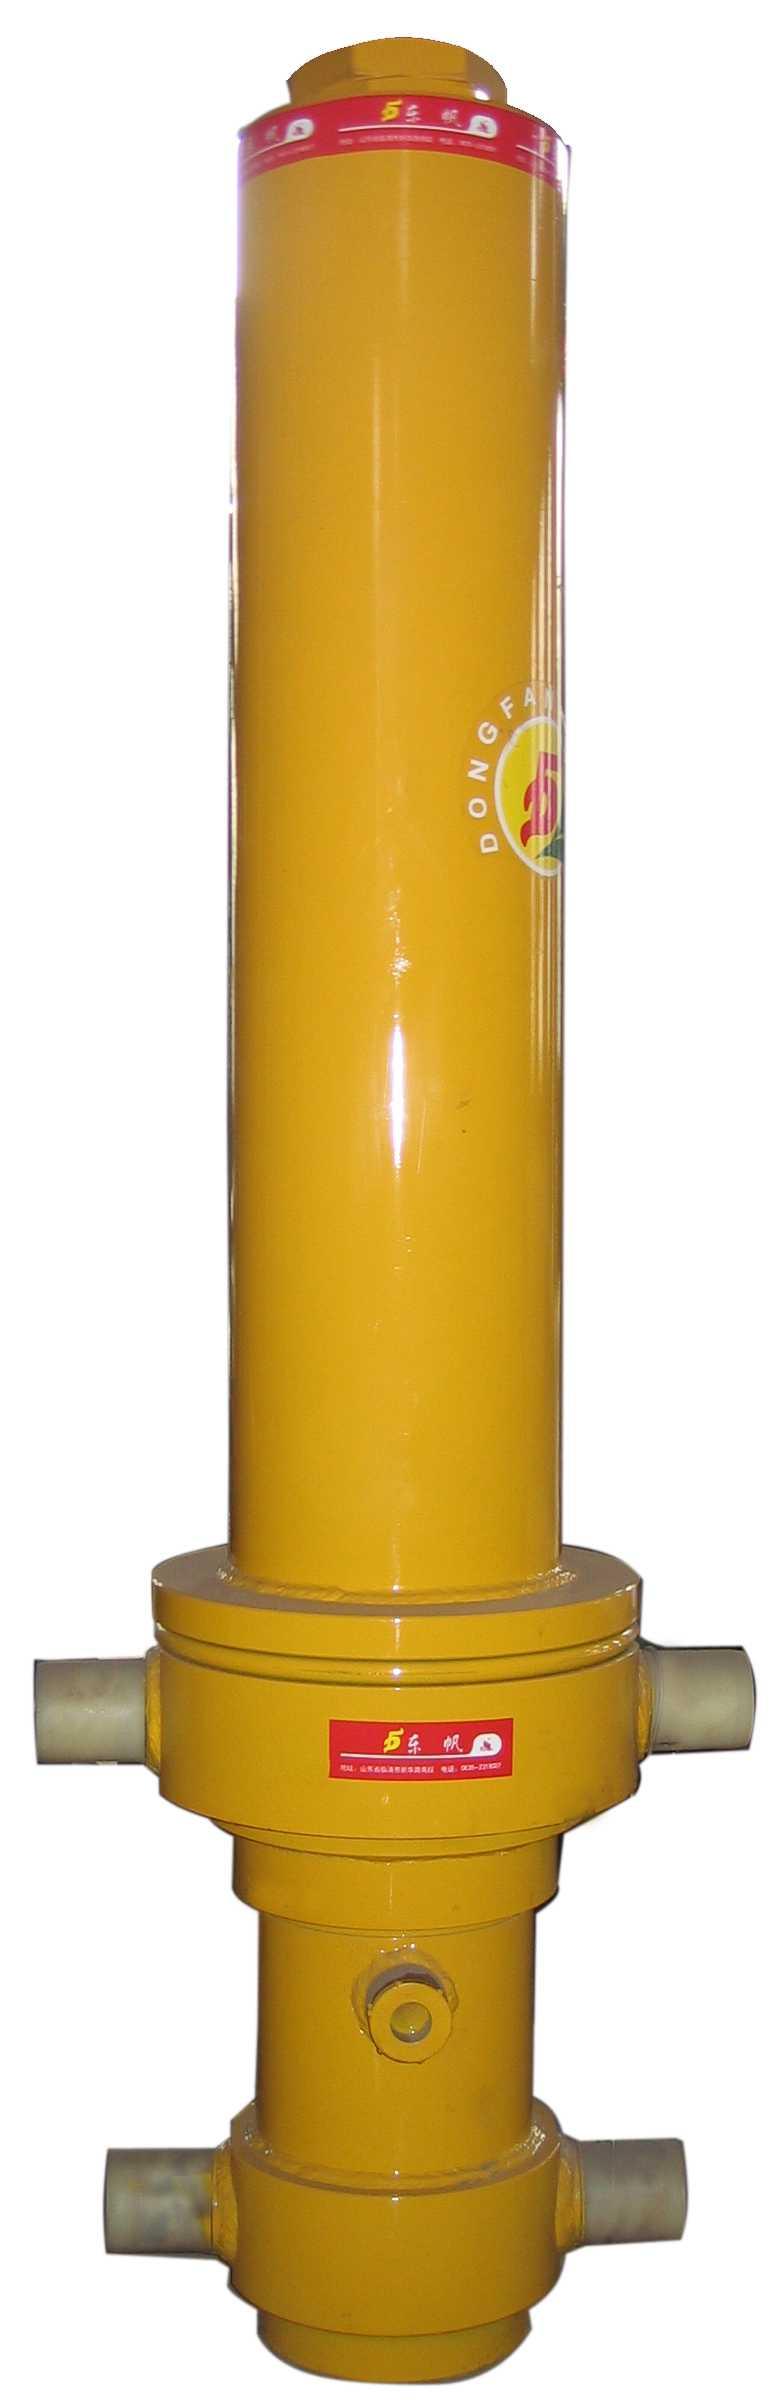 重汽专用液压油缸保养图片